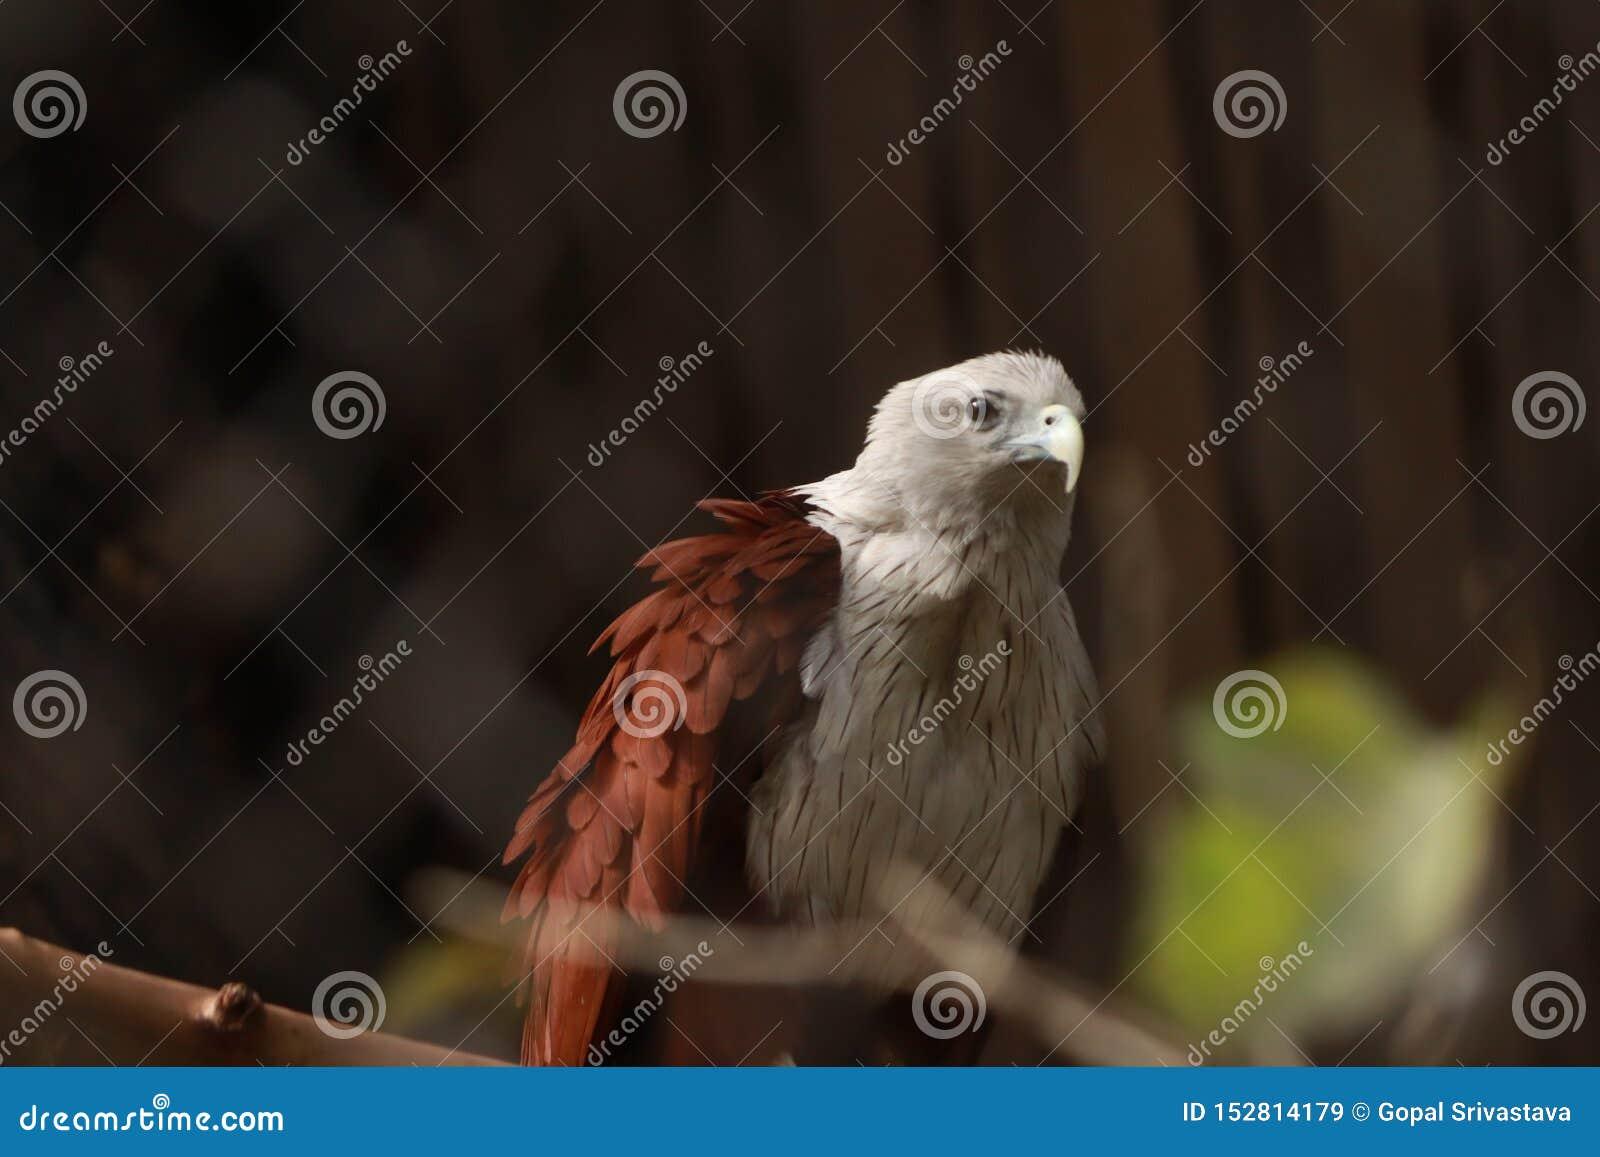 GOUDEN EAGLE IN GEVANGENSCHAP